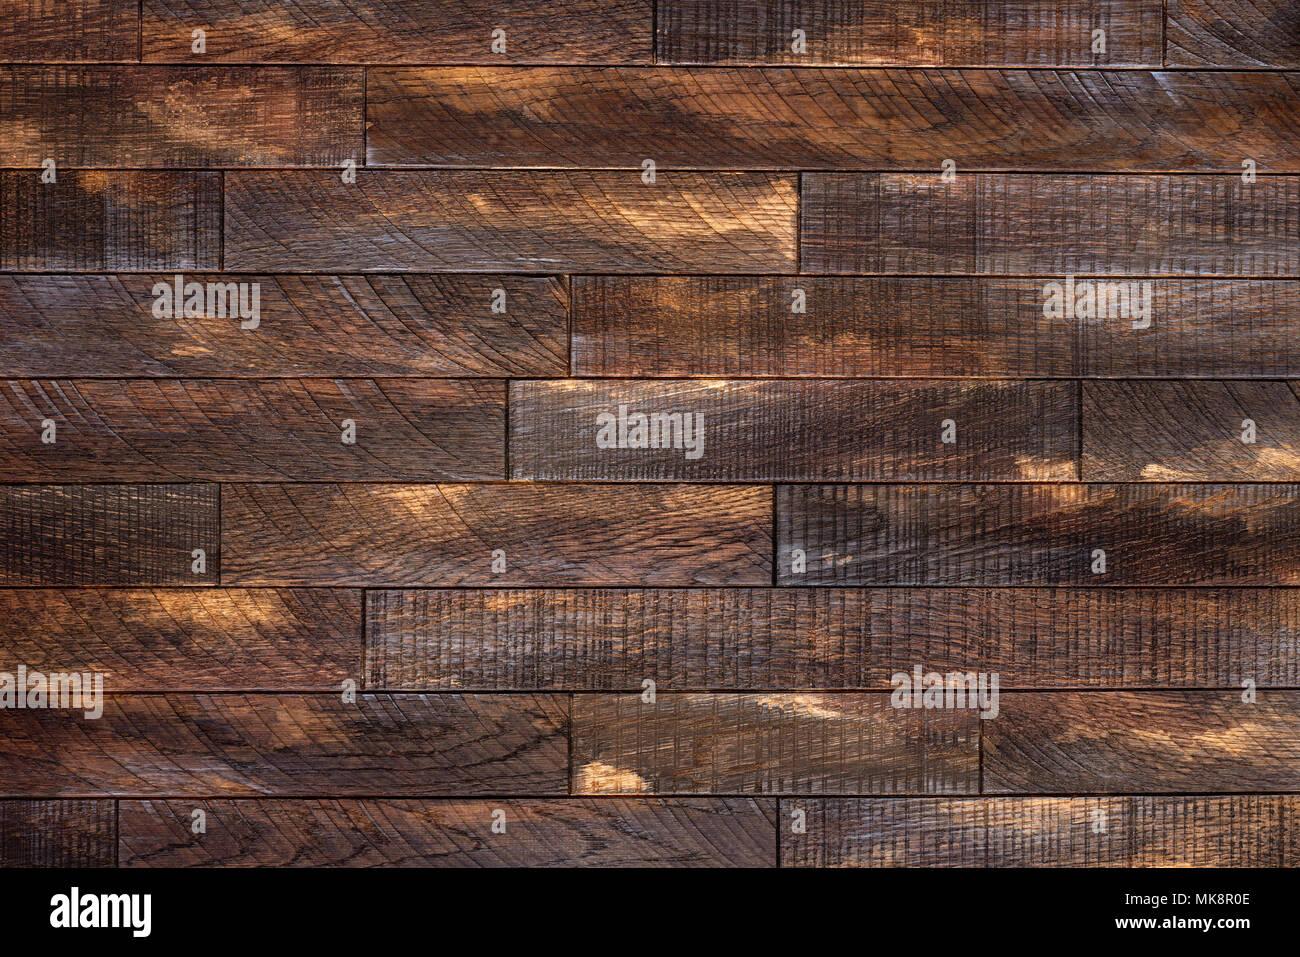 Pavimenti Rustici In Legno : Tavole di legno pavimenti in legno o parquet in legno come sfondo